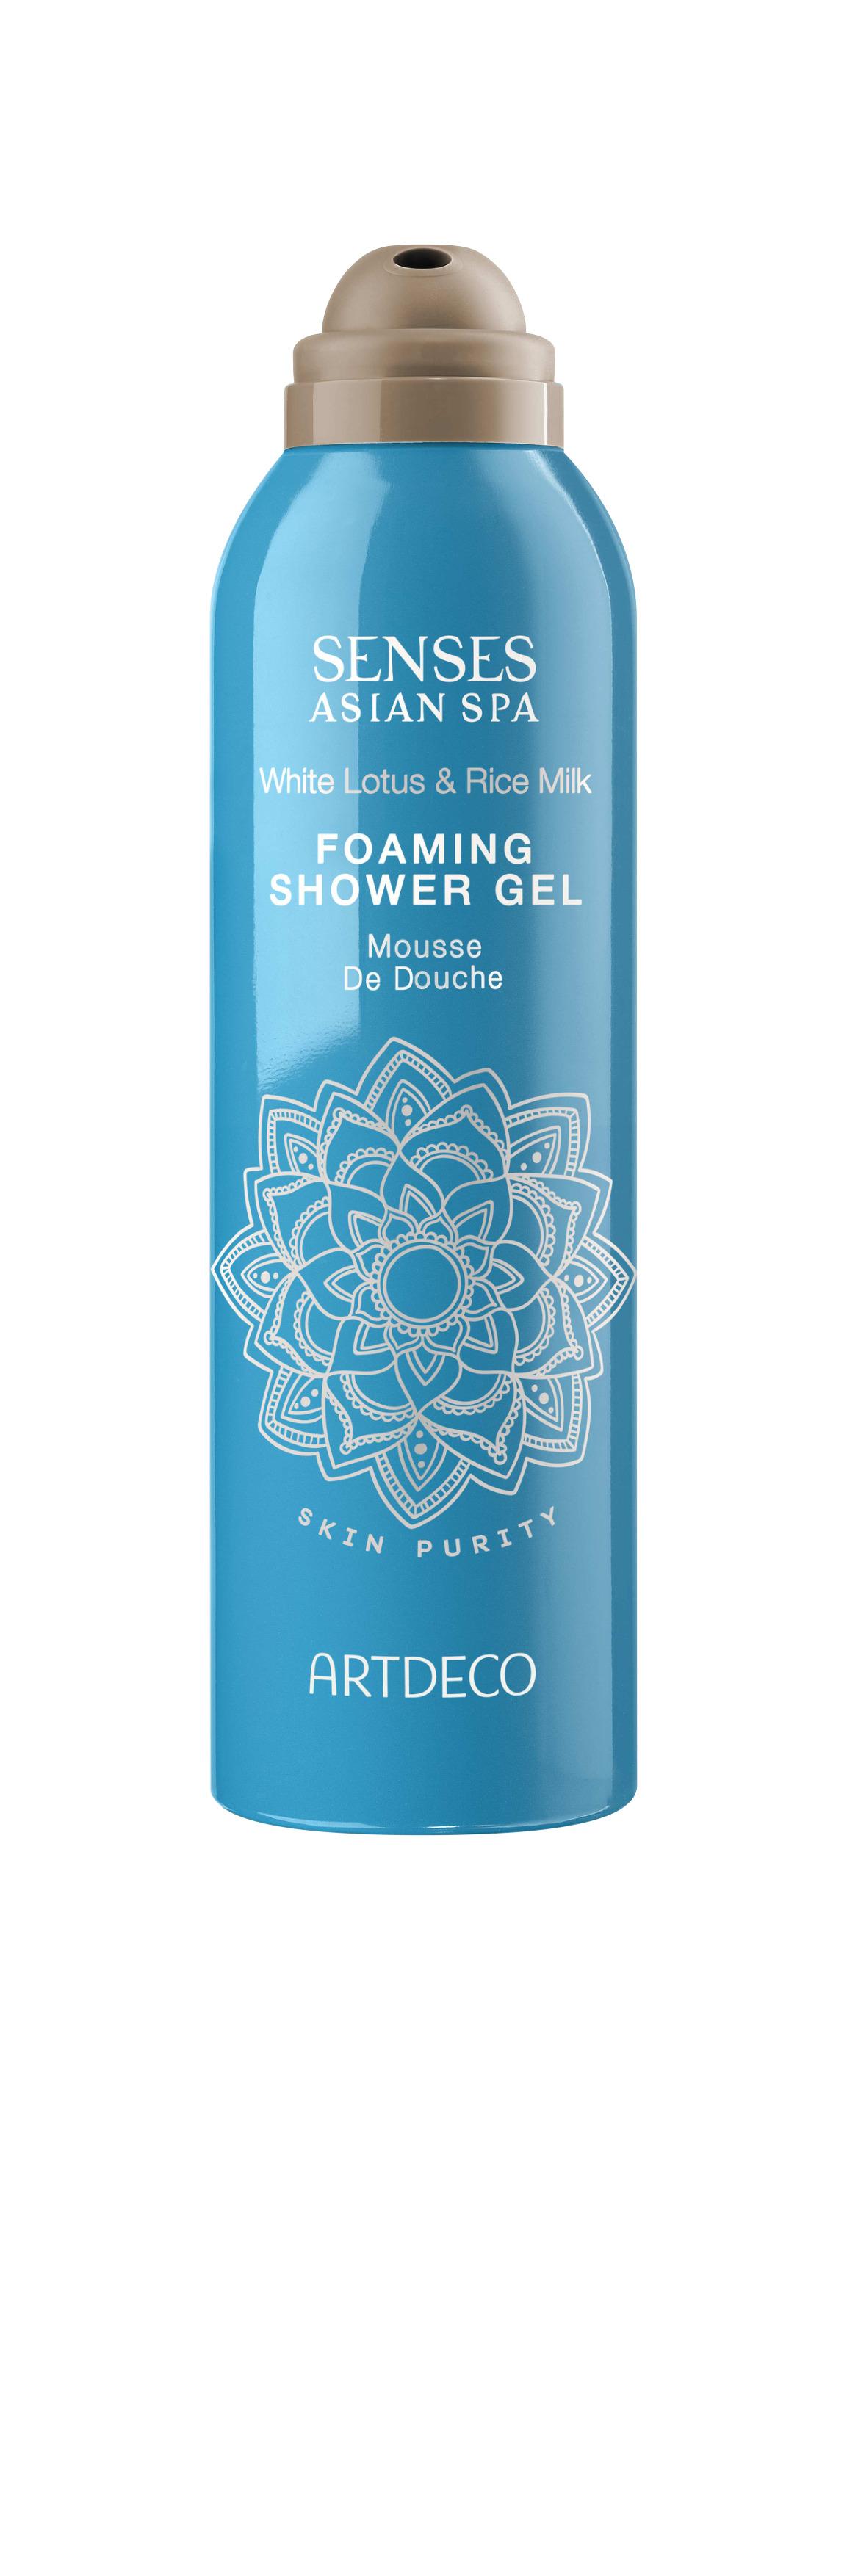 Artdeco гель-пена для душа Foaming shower gel, skin purity, 200 мл65400Нежно очищает кожу Увлажняет и освежает При контакте с водой превращается в воздушную пену